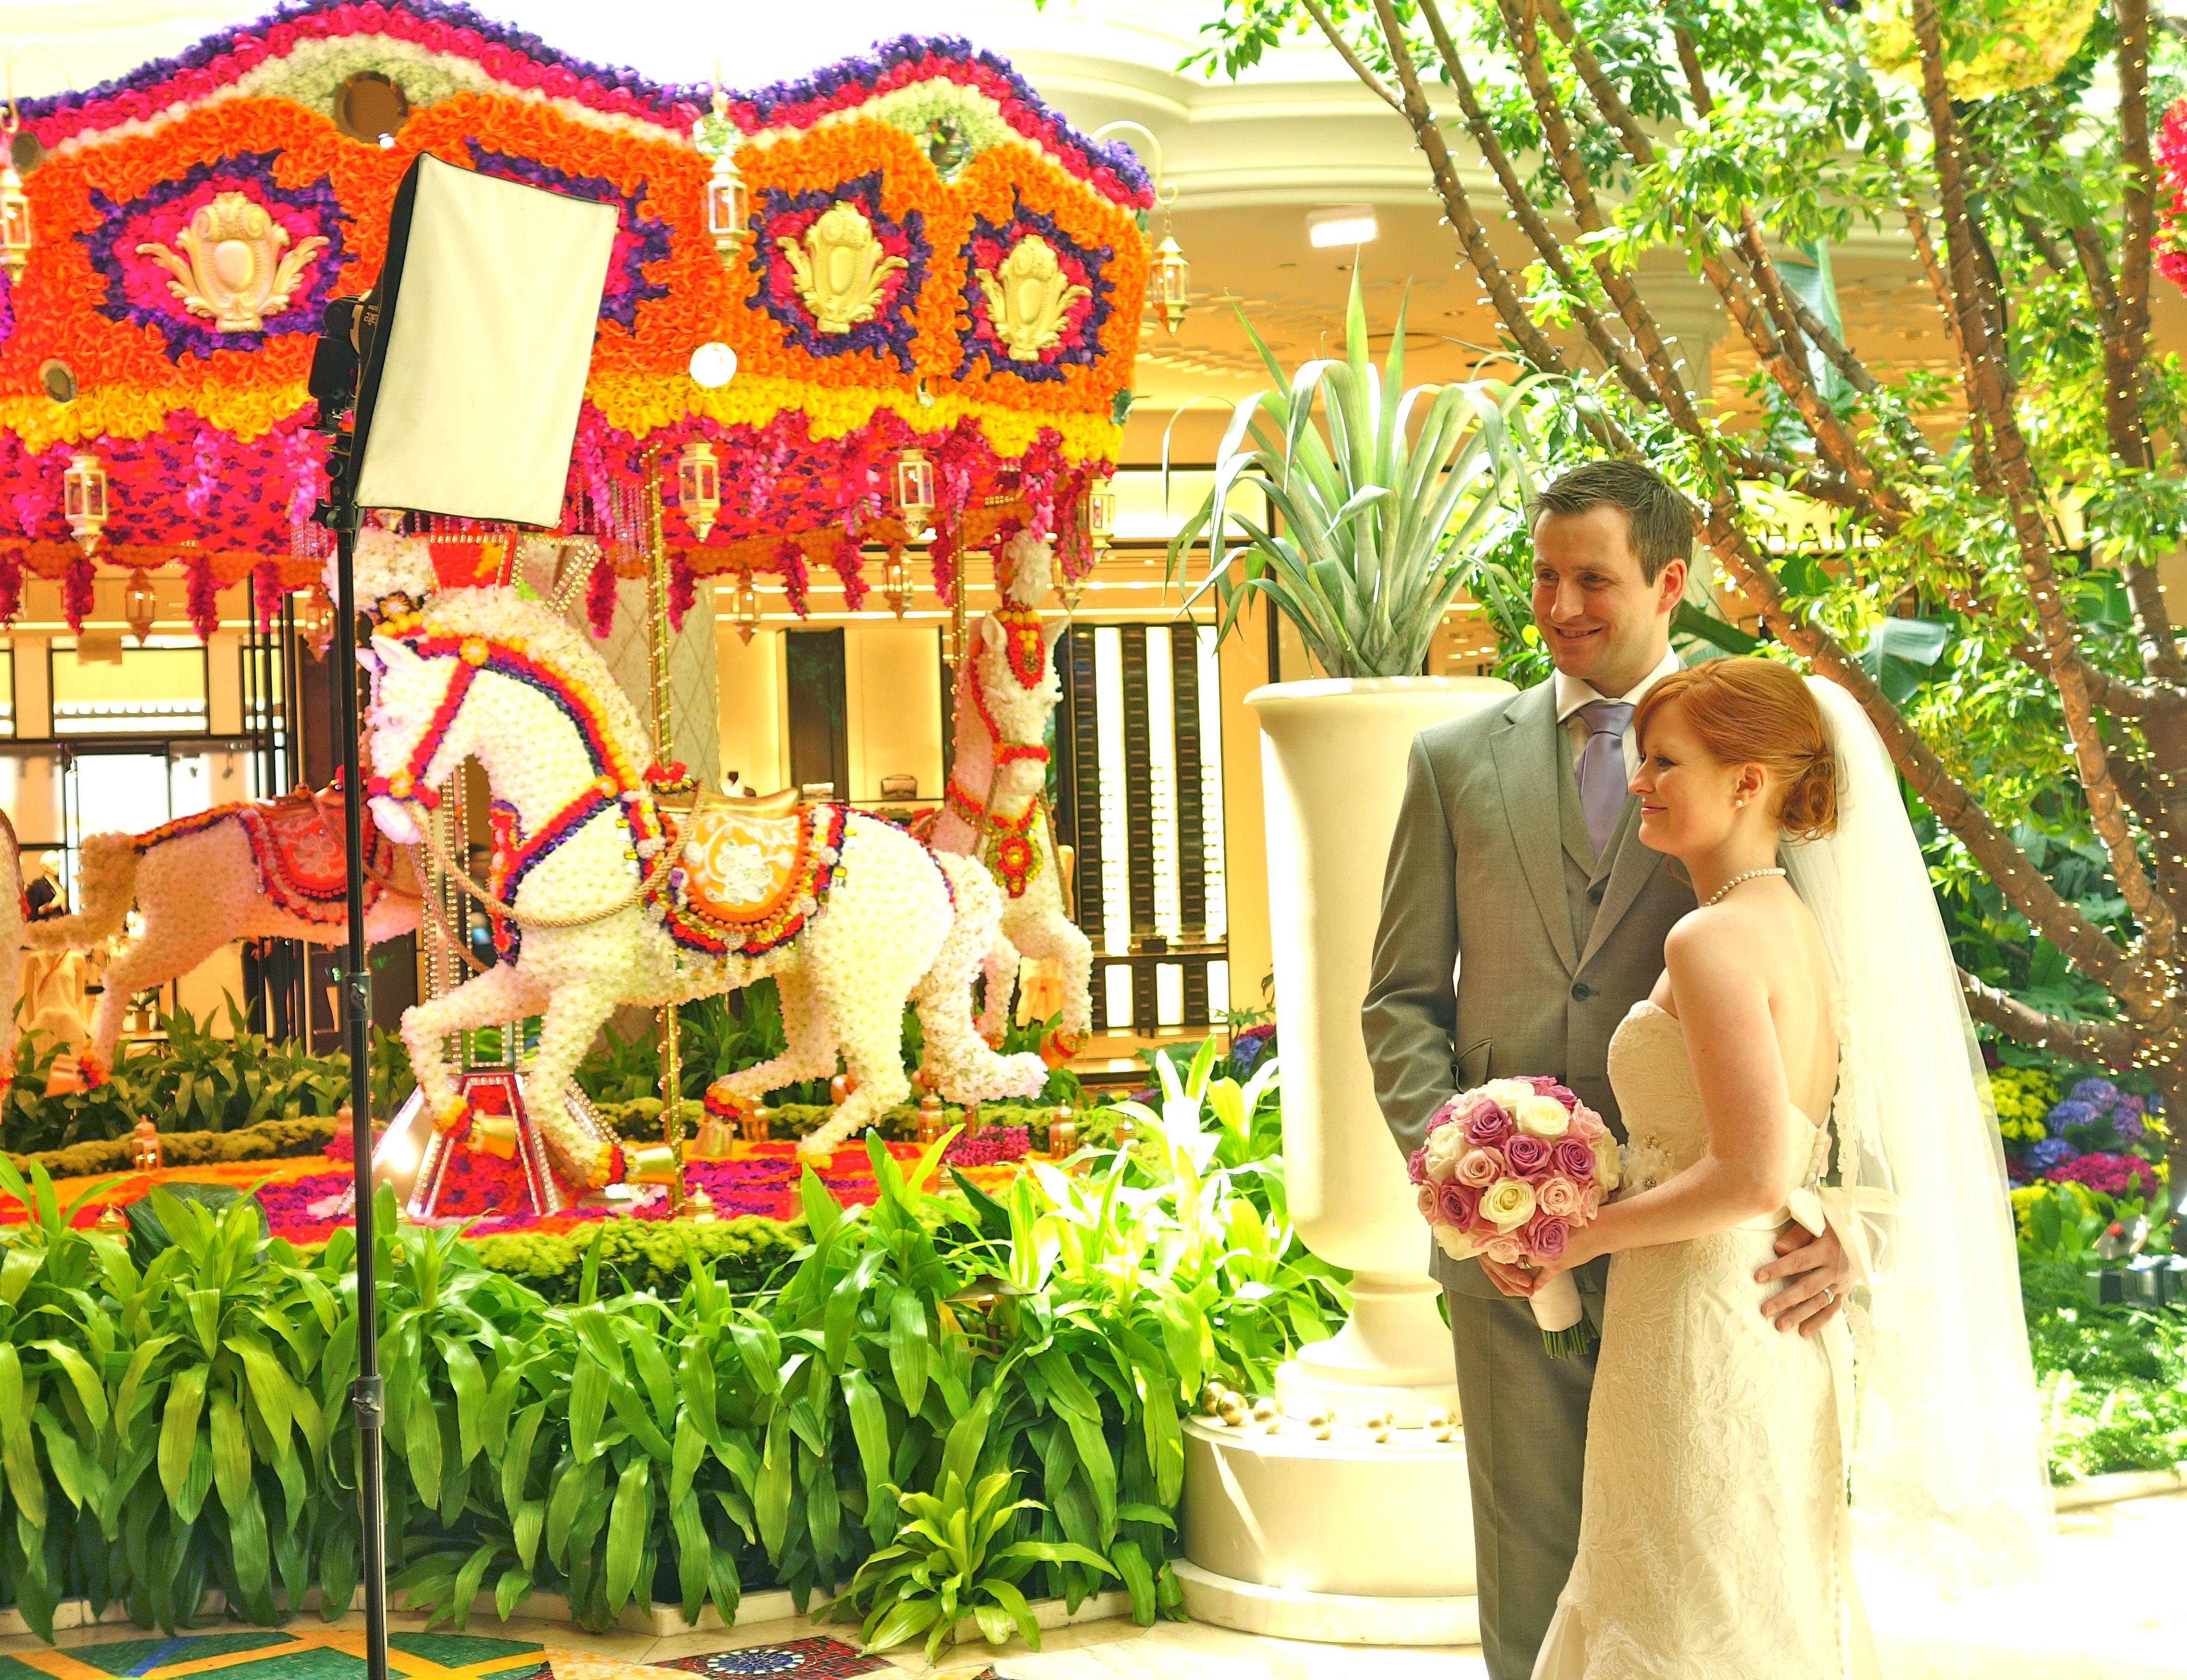 Vegas.com - Las Vegas Hotels, Shows, Tours, Clubs & More